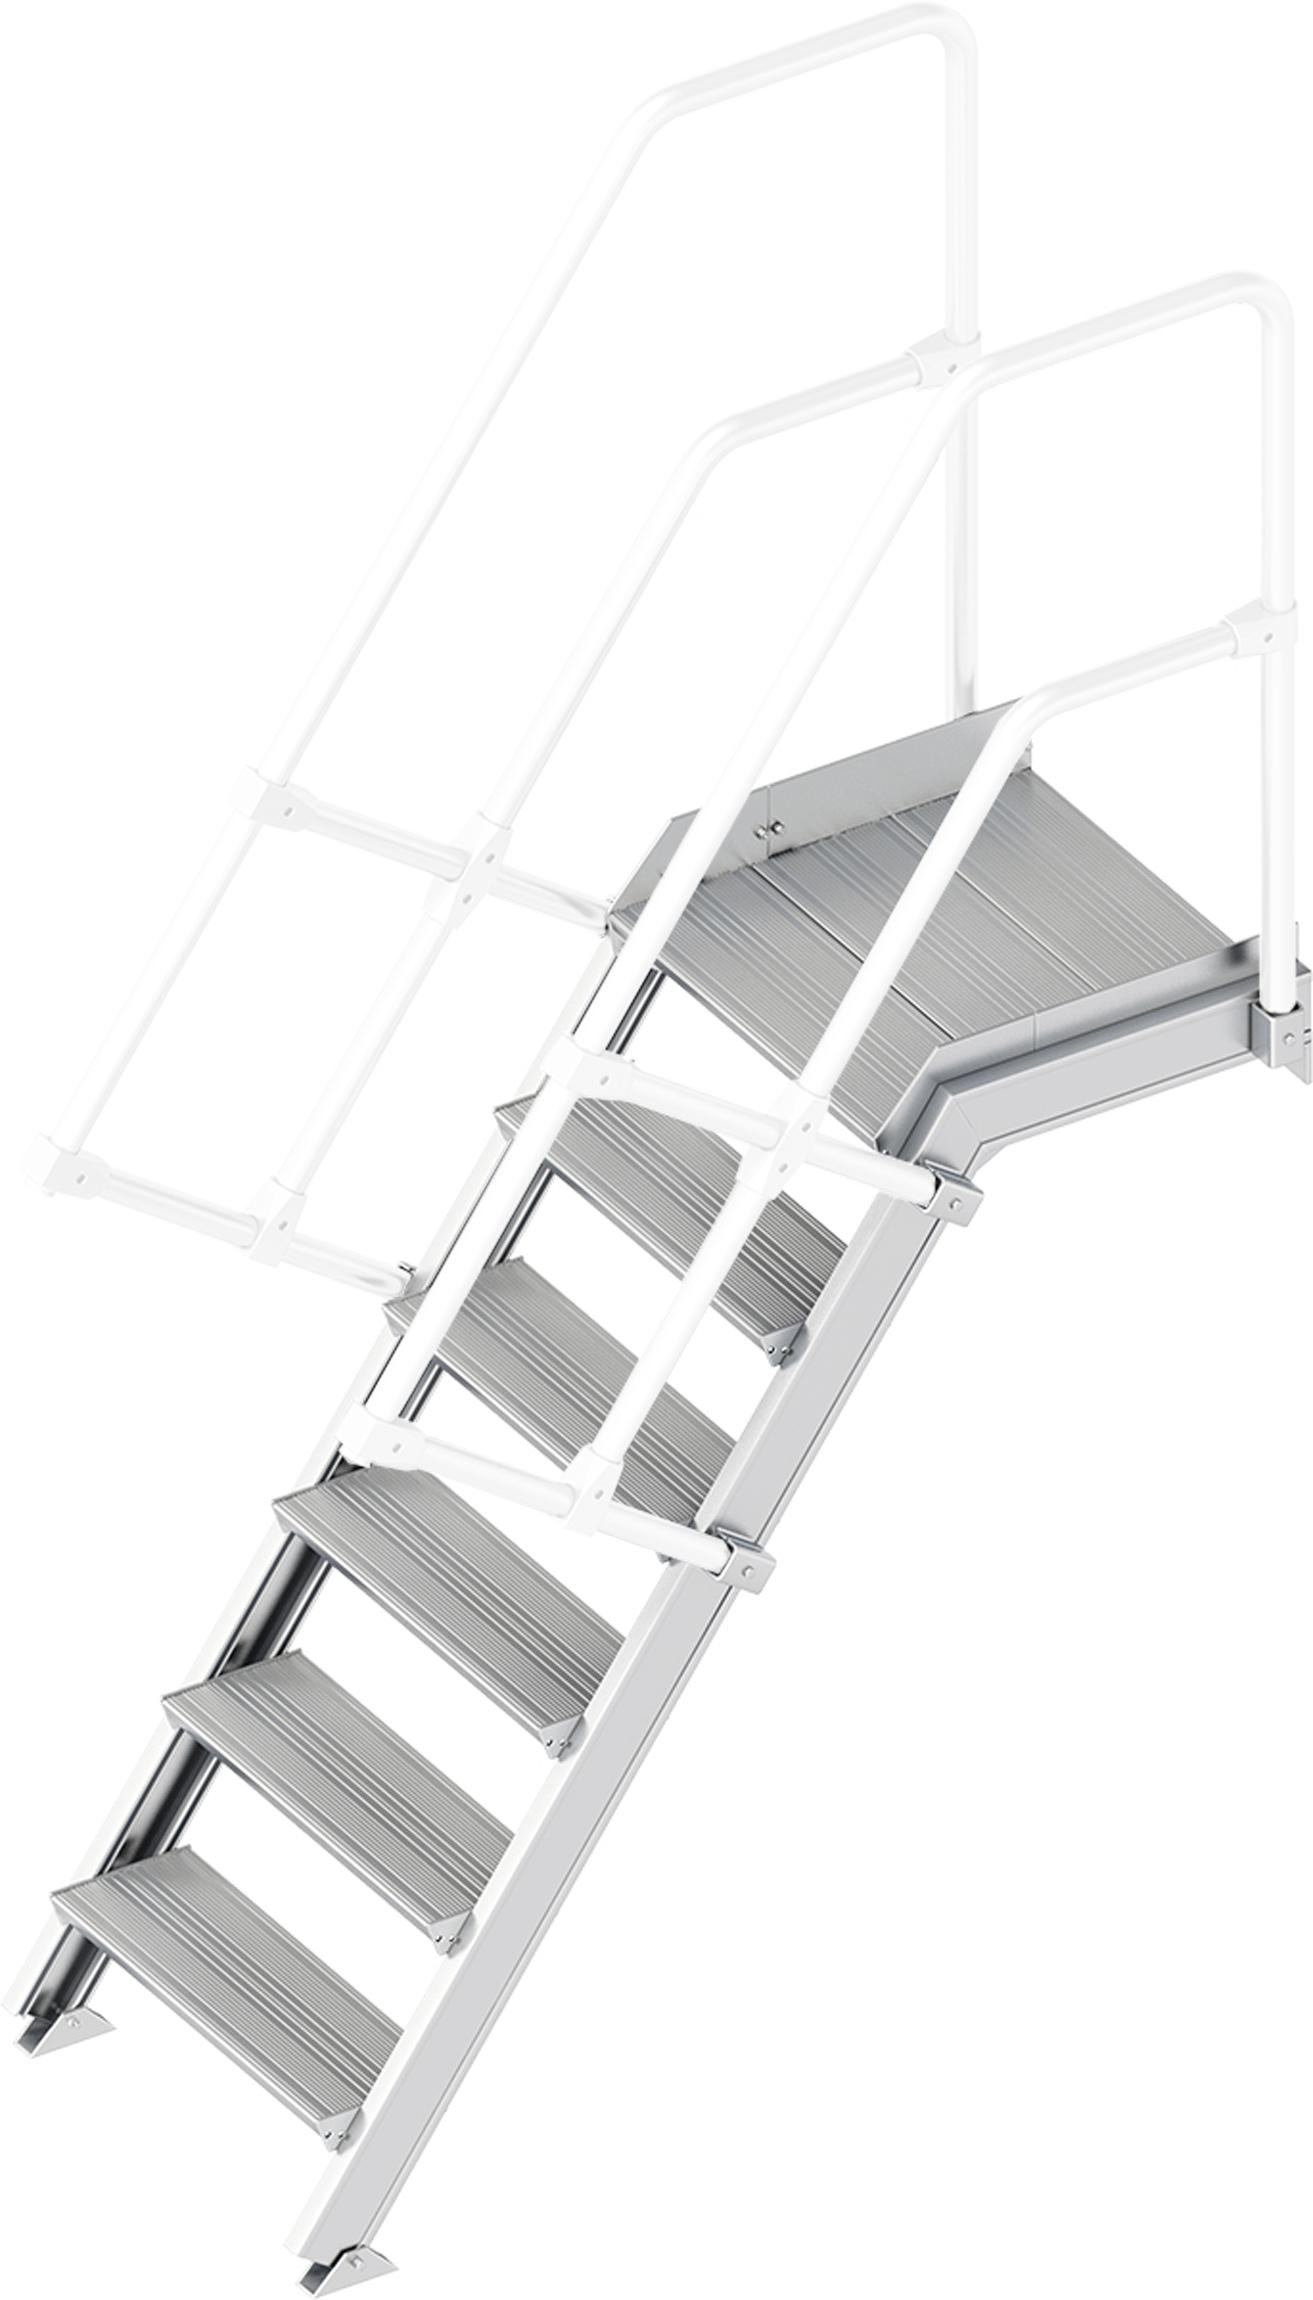 Layher Plattformtreppe 55° 6 Stufen - 600 mm breit